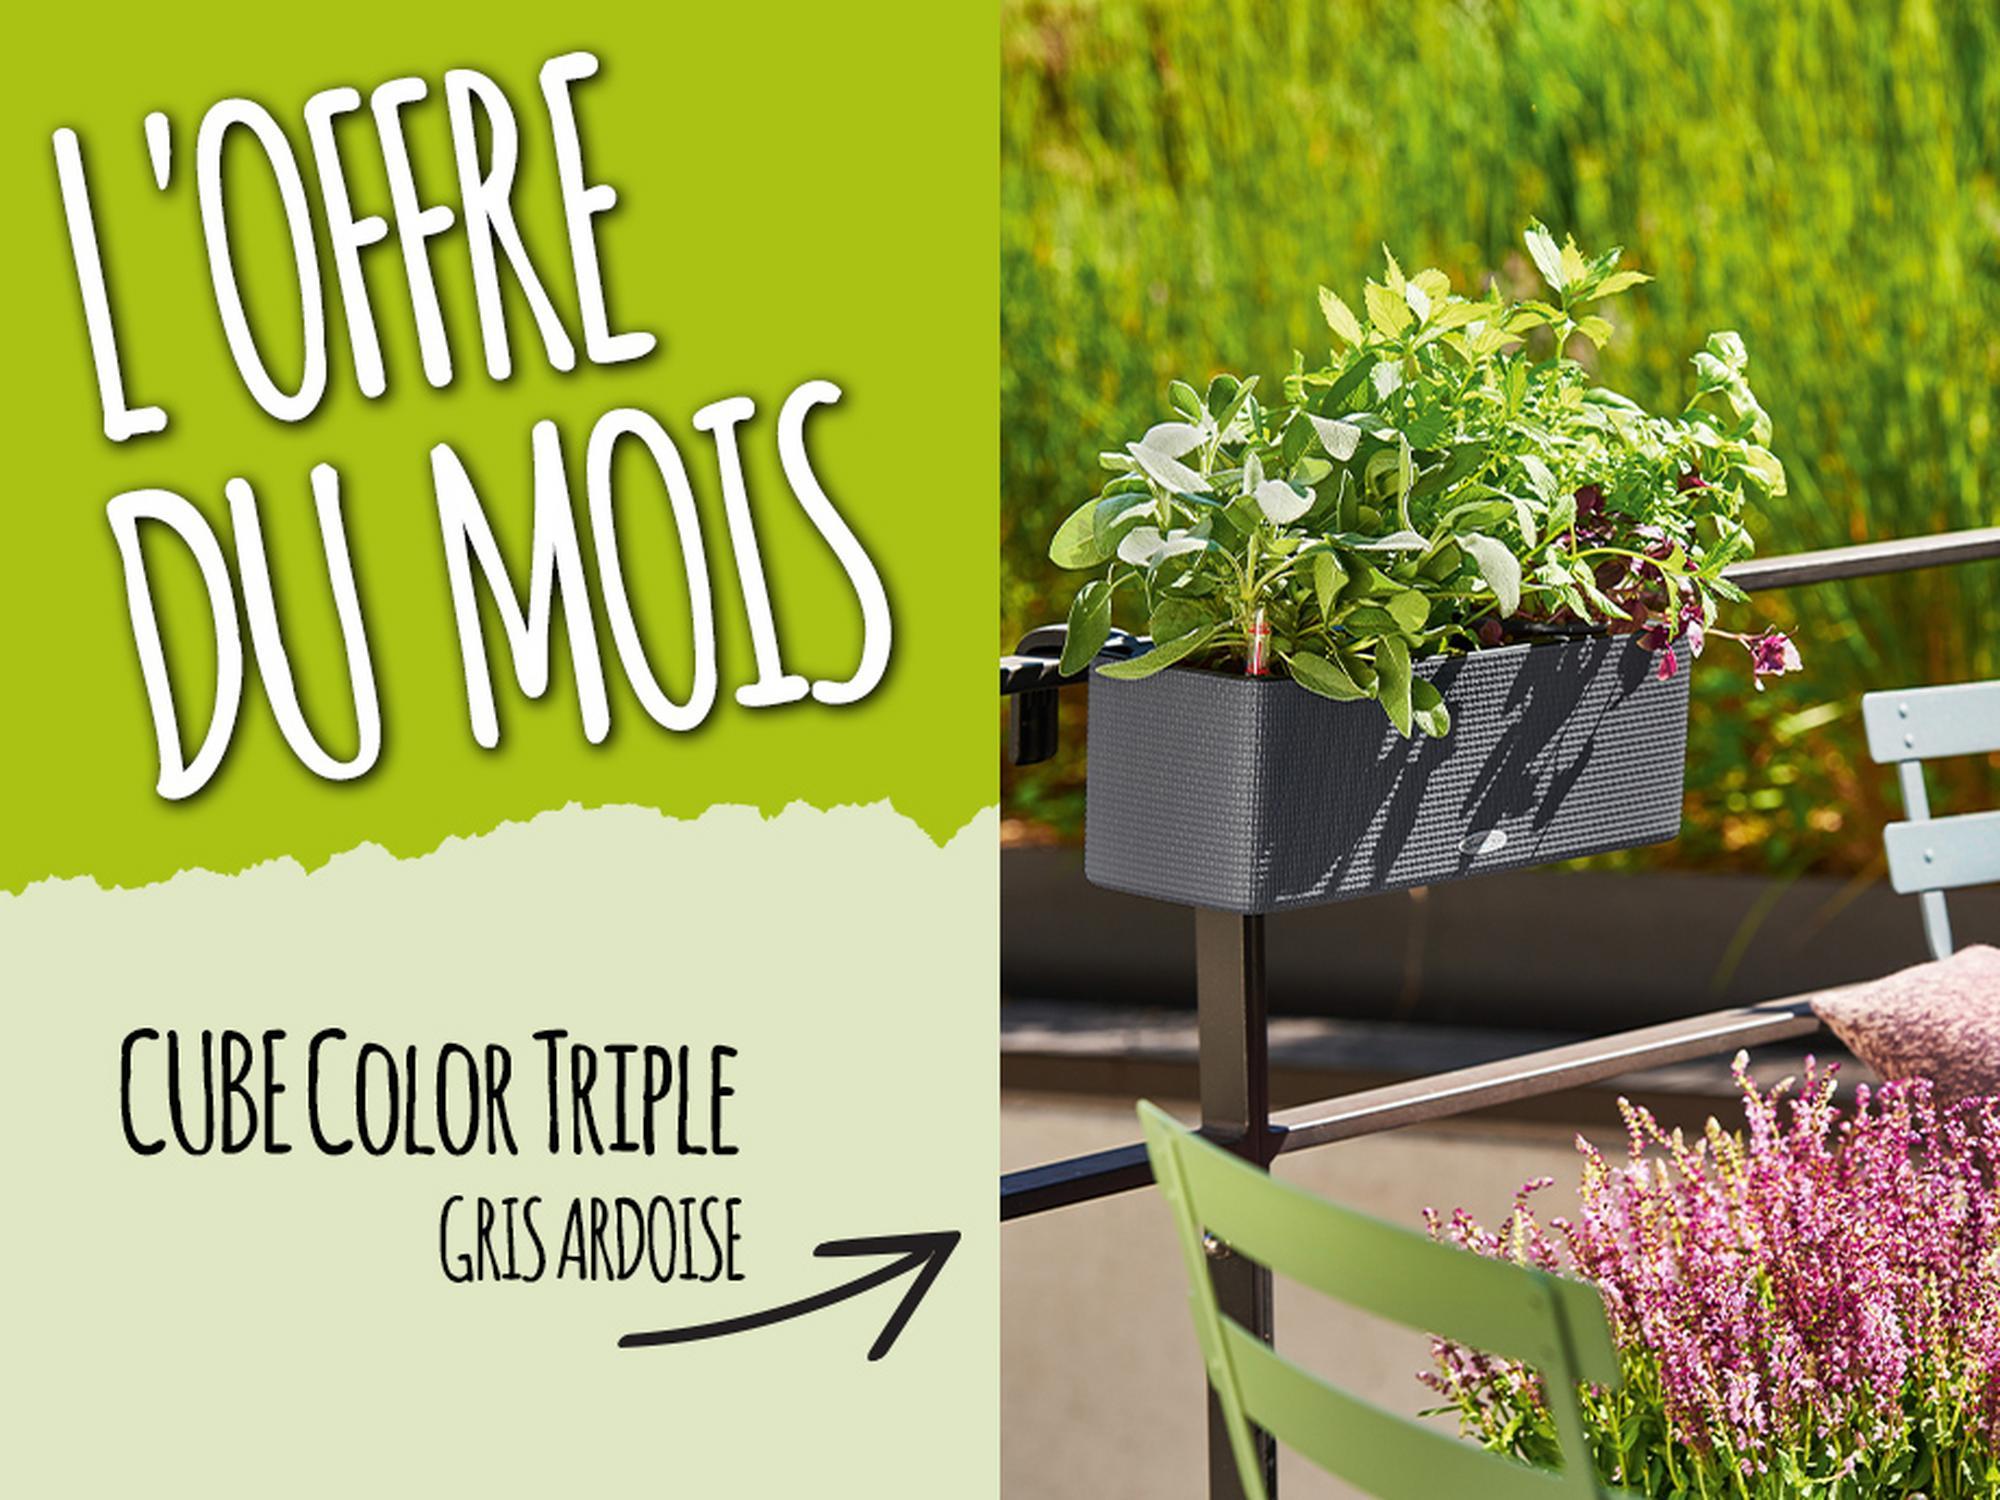 L'offre du Mois: 15% de réduction pour l'achat du CUBE Color Triple gris ardoise